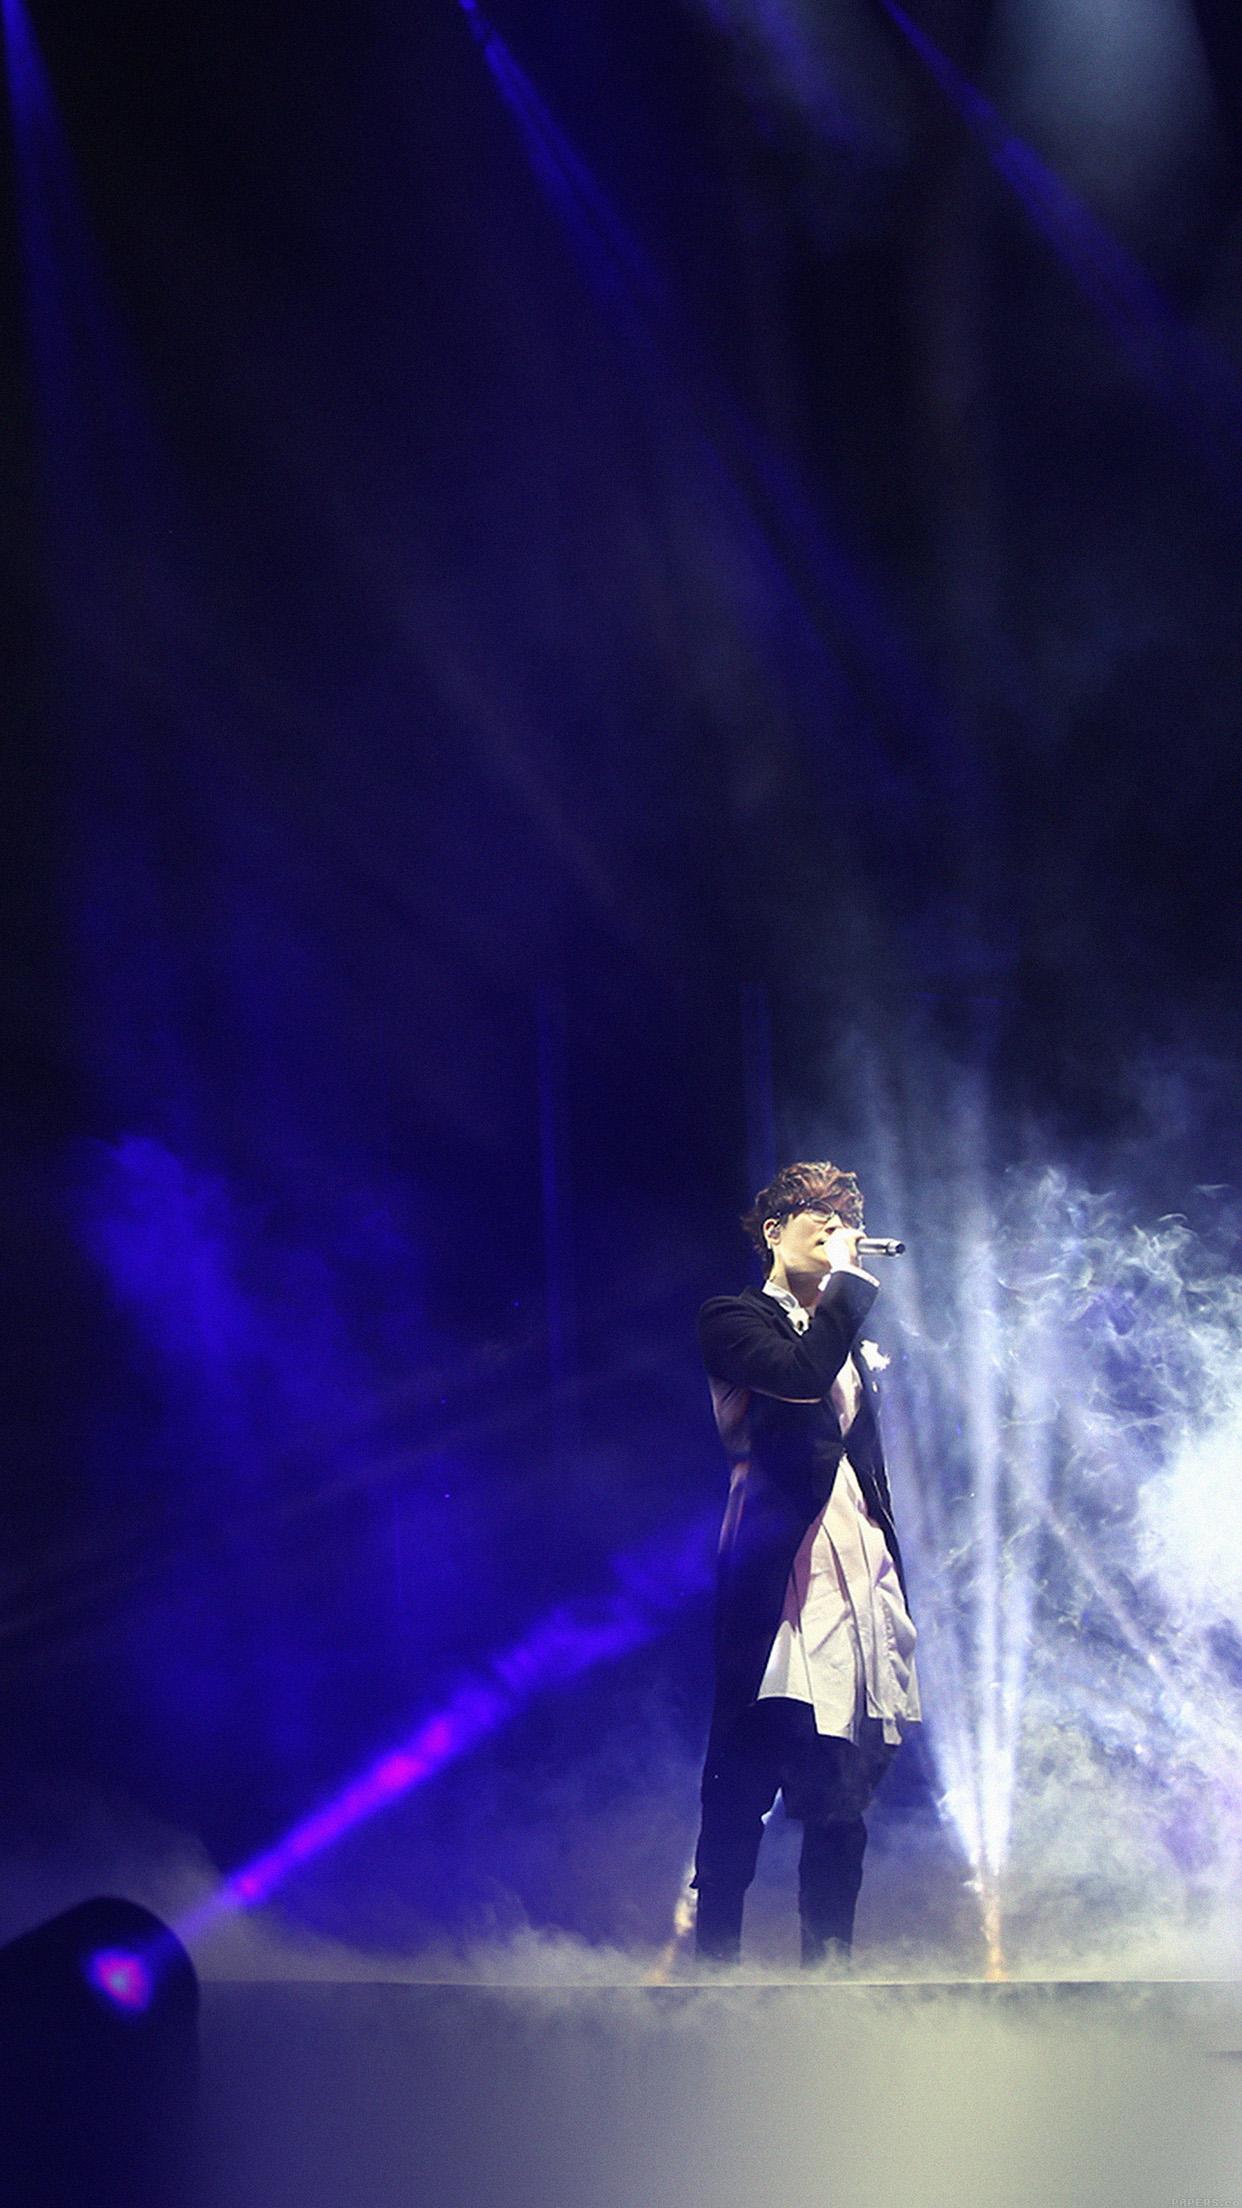 Hd72 seo taiji kpop concert legend music artist - Wallpaper artist music ...